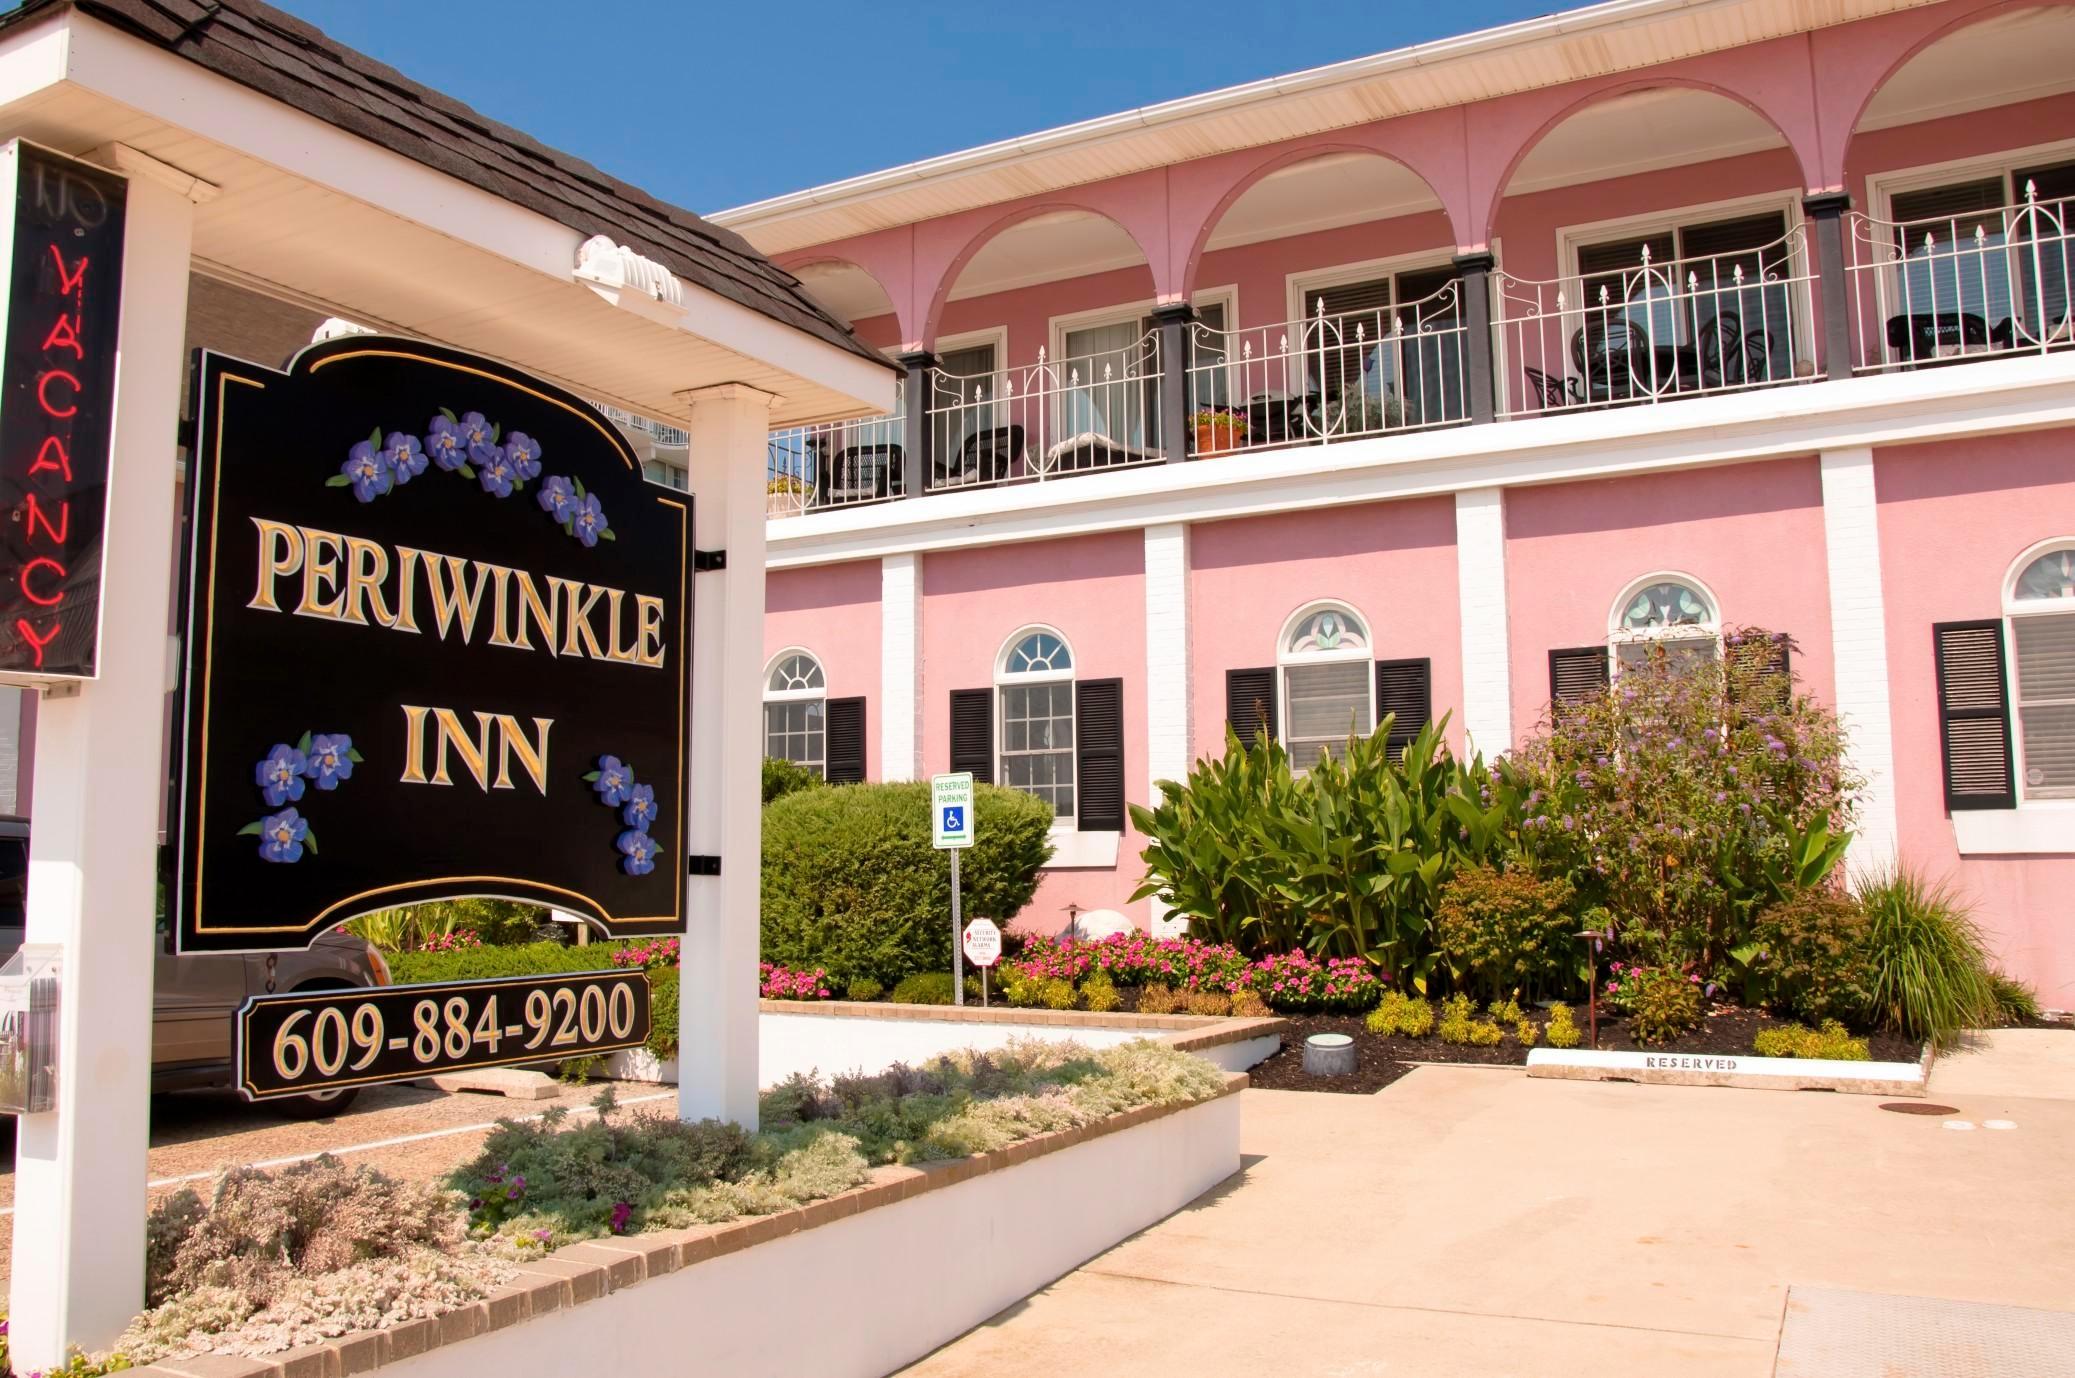 Periwinkle Inn image 0